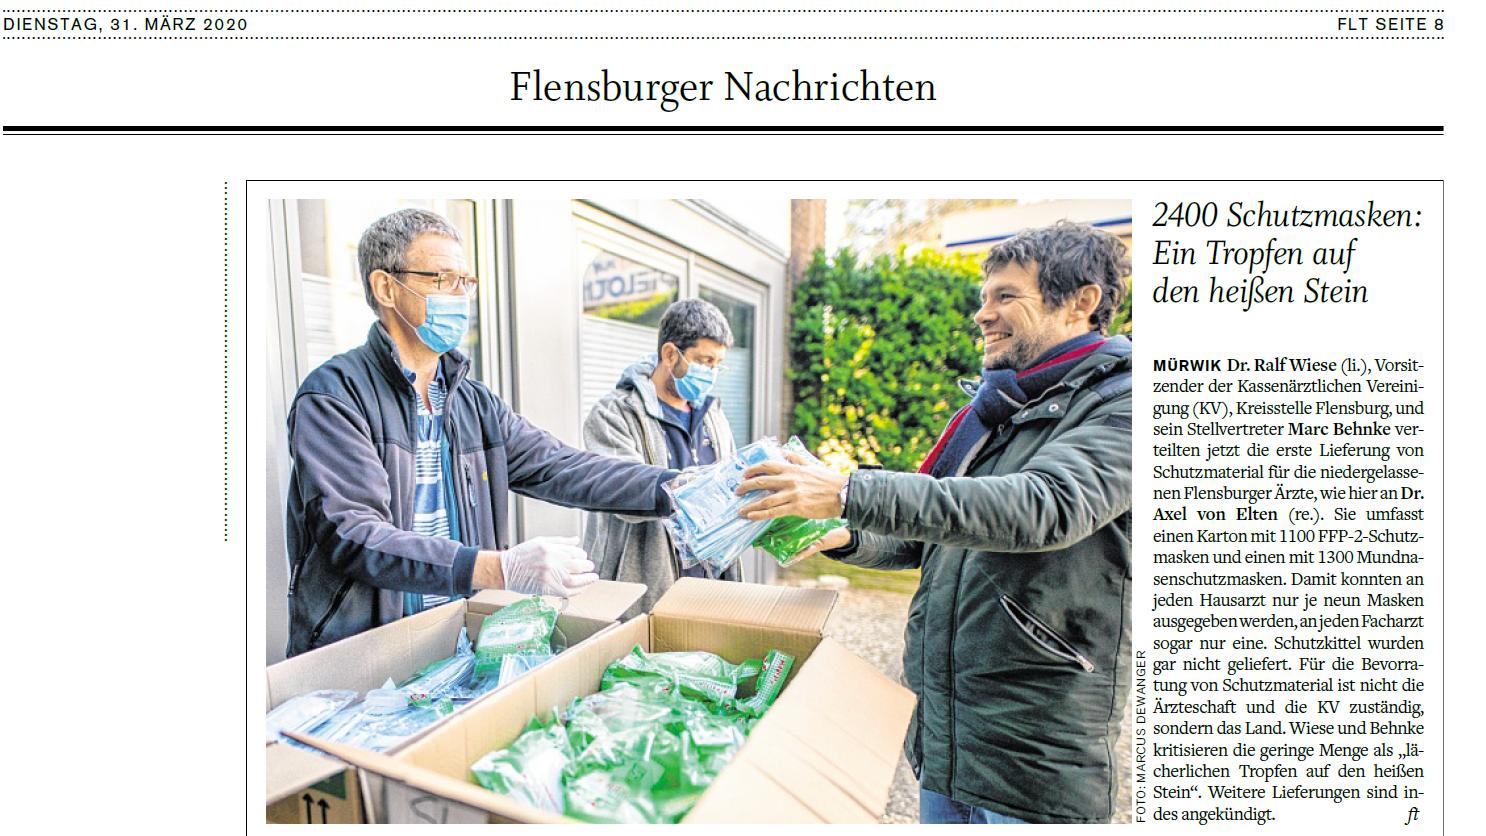 Grafik: Webscreen / Preview FLENSBURGER TAGEBLATT - Pressemeldung der Gemeinschaftspraxis CHIRURGIE FLENSBURG NORD